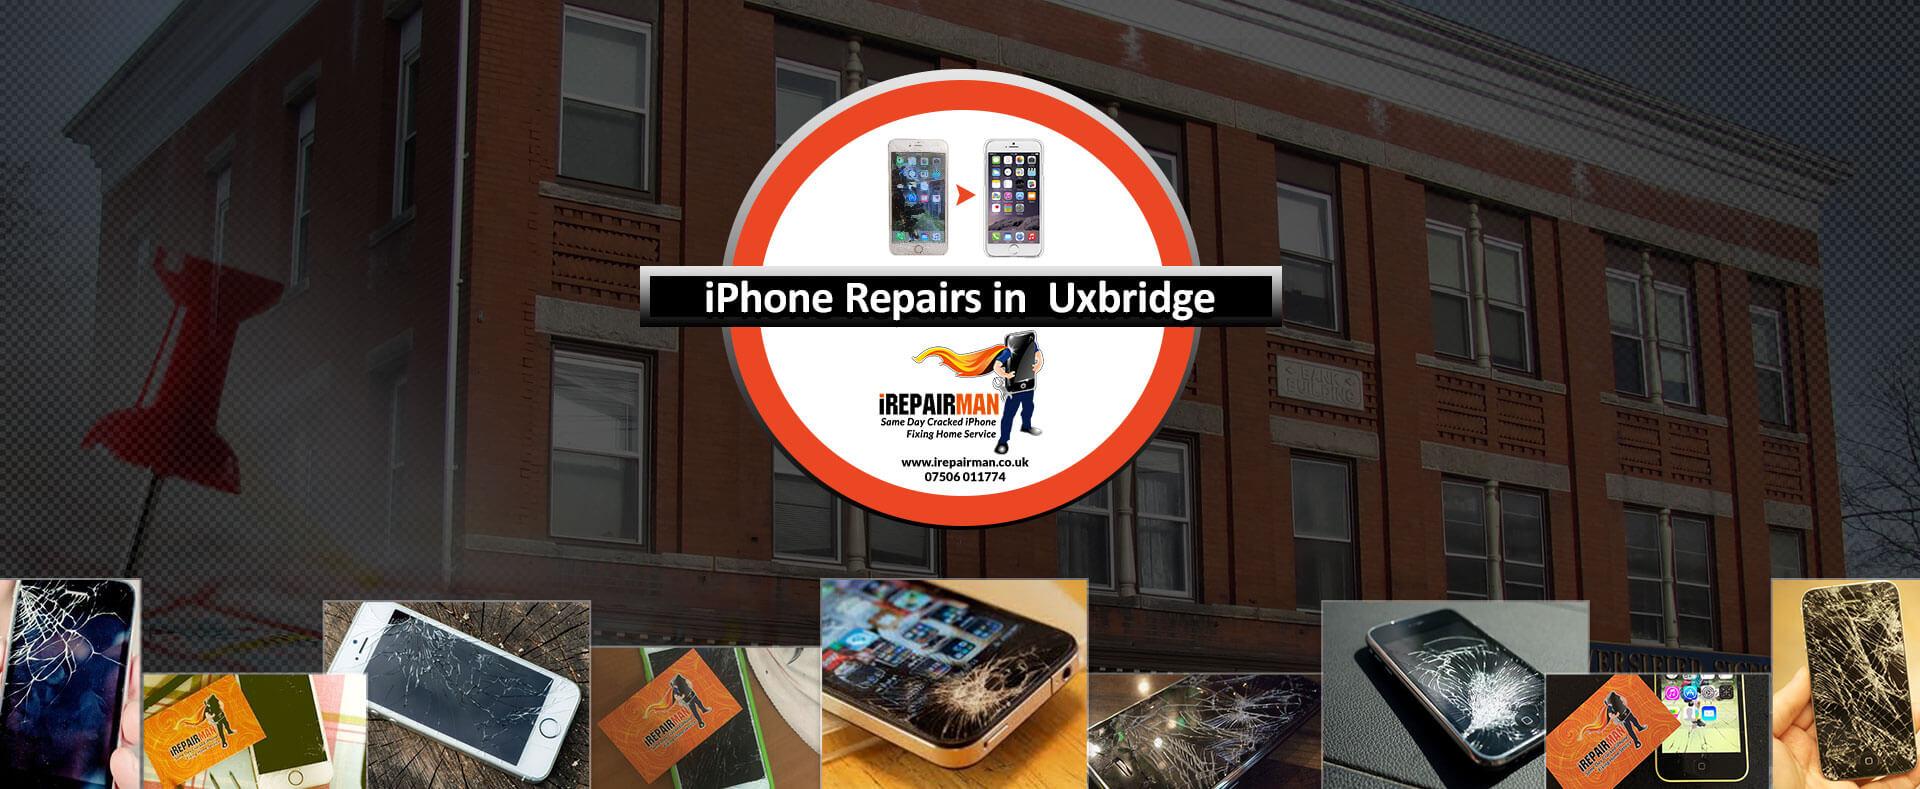 iPhone Repairs in Uxbridge